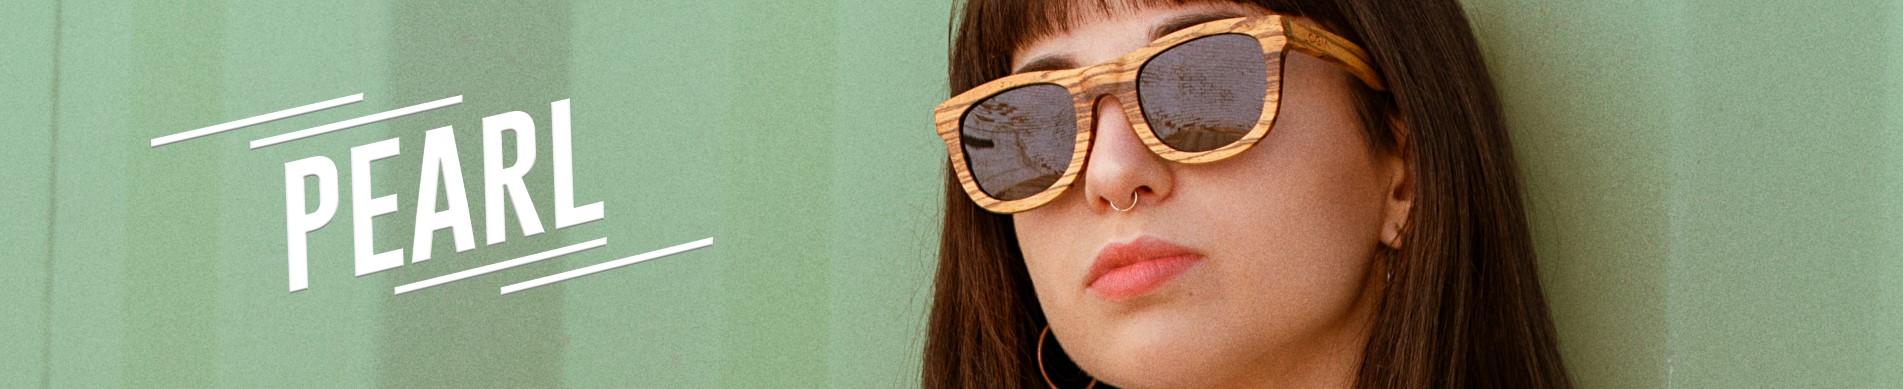 Gafas de sol Pearl